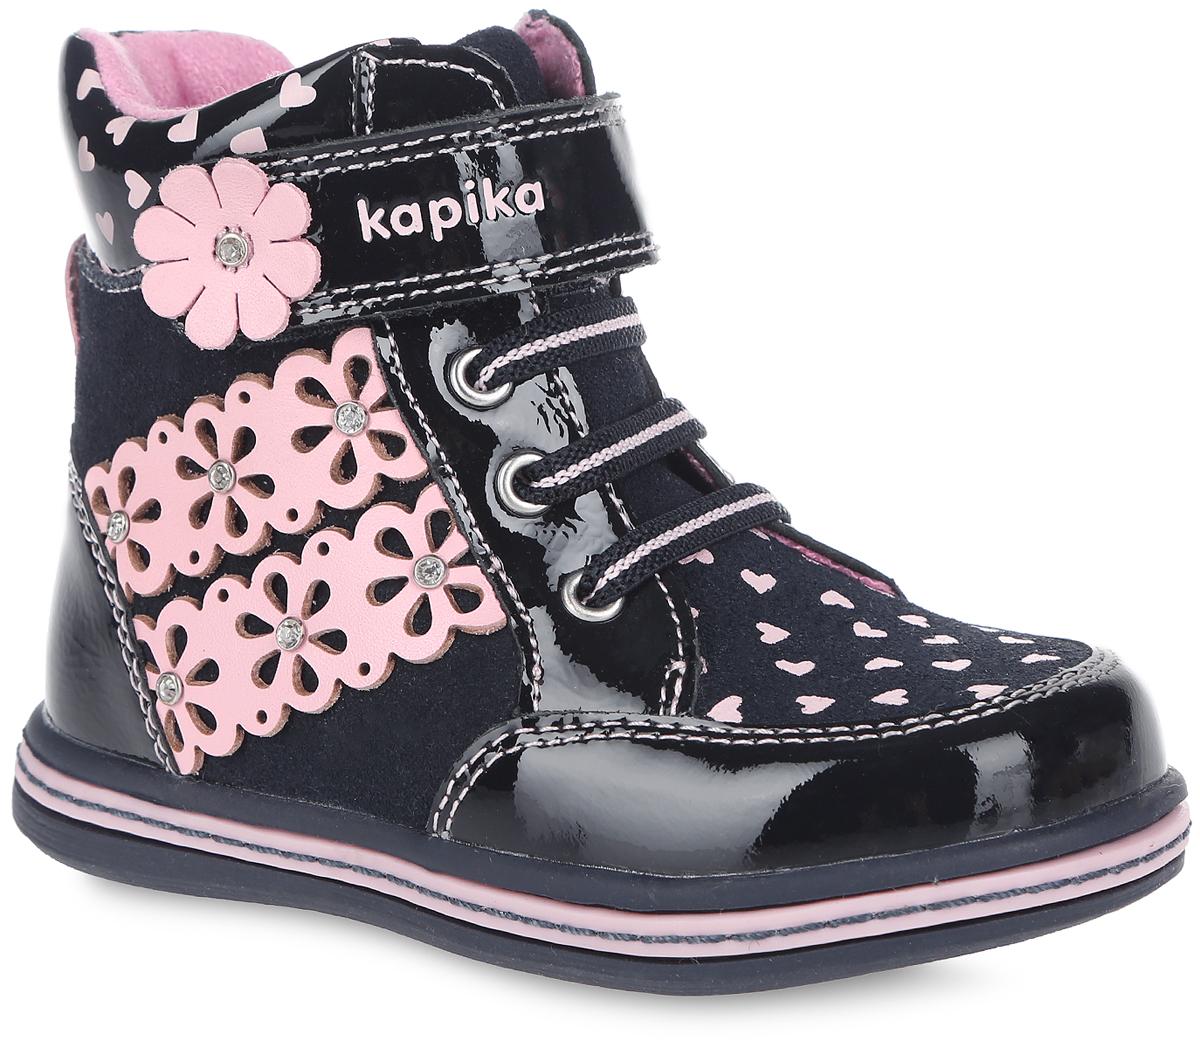 Ботинки для девочки. 5222552225Прелестные детские ботинки от Kapika заинтересуют вашу маленькую модницу с первого взгляда. Модель полностью выполнена из натуральной кожи различной фактуры. Ботинки оформлены оригинальным принтом с изображением сердец и нашивками с перфорацией в виде цветков, украшенных стразами. Модель фиксируется на ноге с помощью удобной молнии. Объем регулируется хлястиком на липучке, оформленным названием бренда, и эластичными шнурками. Стелька из мягкого текстиля и шерсти дополнена небольшим супинатором с перфорацией, который обеспечивает правильное положение стопы ребенка при ходьбе и предотвращает плоскостопие. Мягкий манжет создает комфорт при ходьбе и предотвращает натирание ножки ребенка. Легкая и гибкая подошва изготовлена из ТЭП- материала, а ее рифленая поверхность обеспечит отличное сцепление с любой поверхностью. Чудесные ботинки займут достойное место в гардеробе вашего ребенка. робе вашего ребенка.